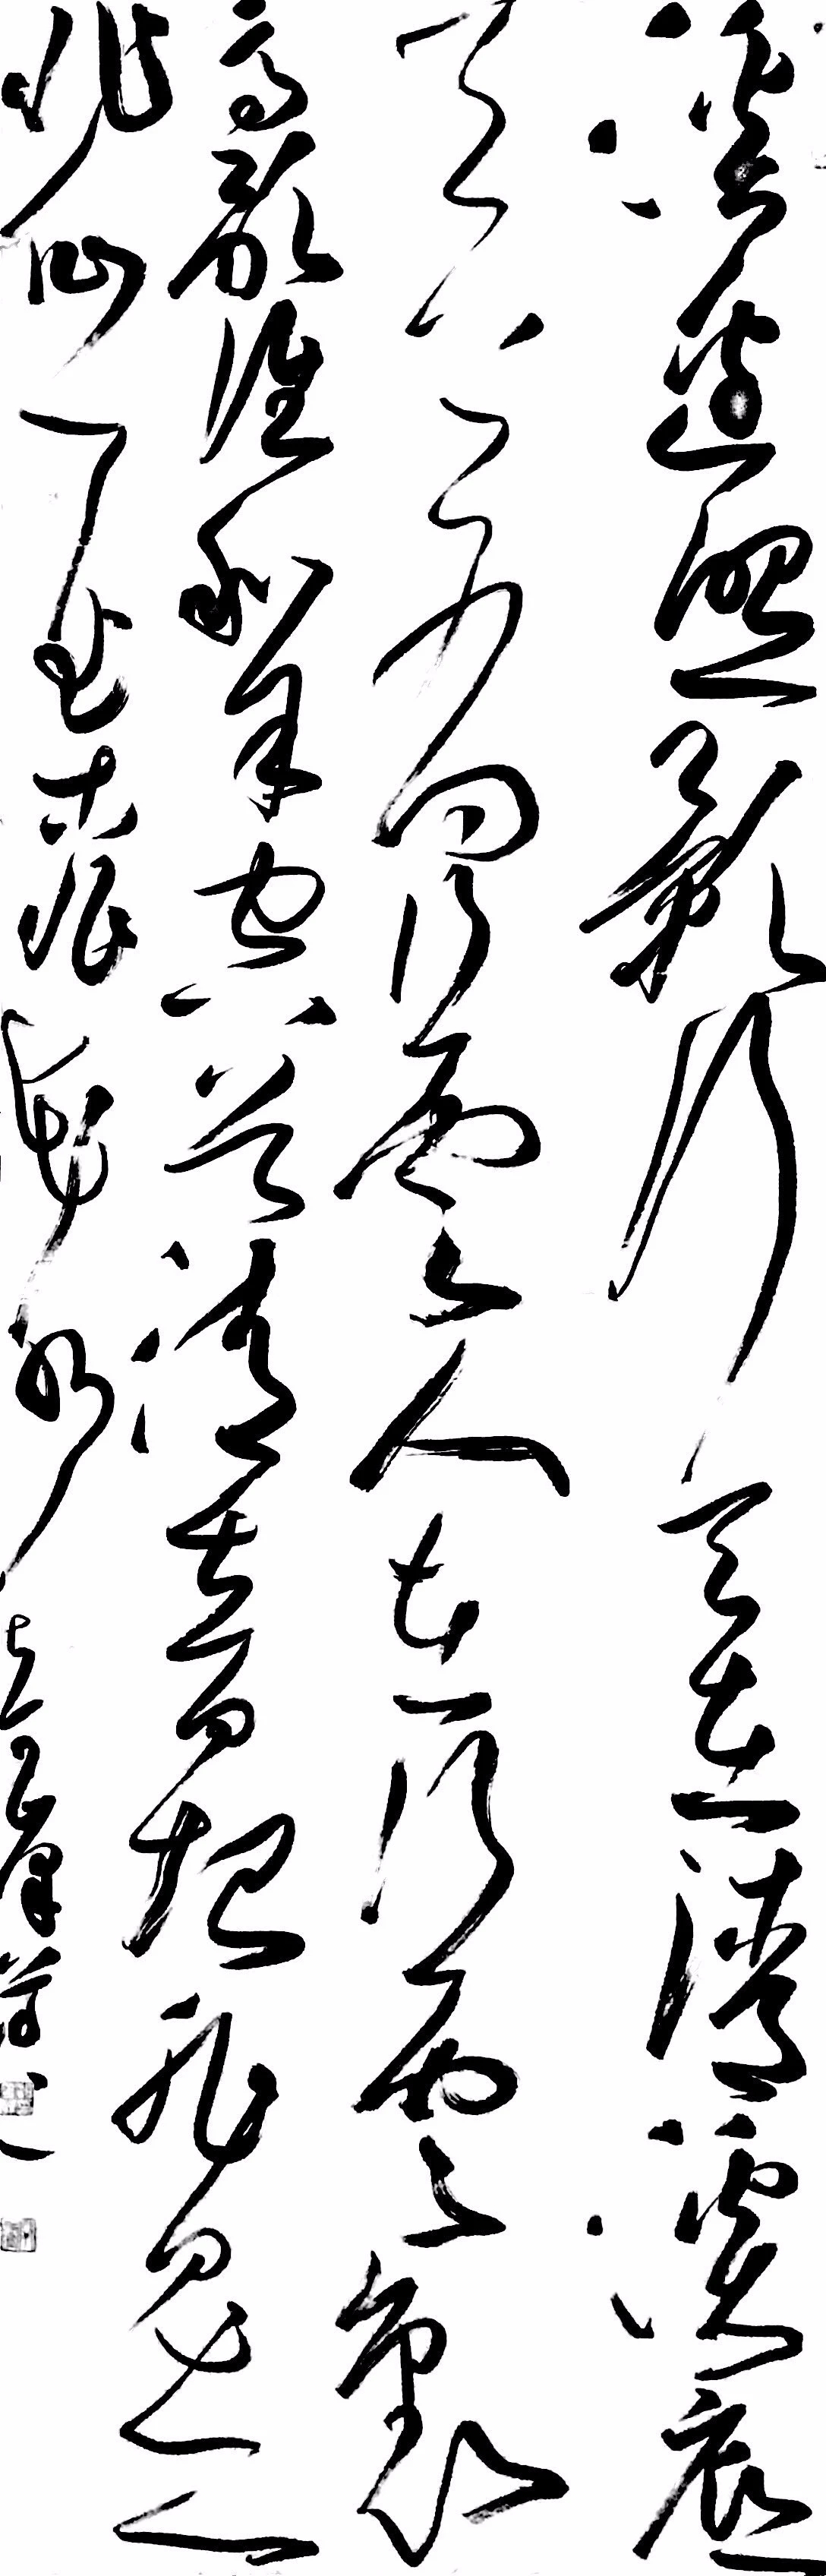 中医世家的草书高手,入展12届国展